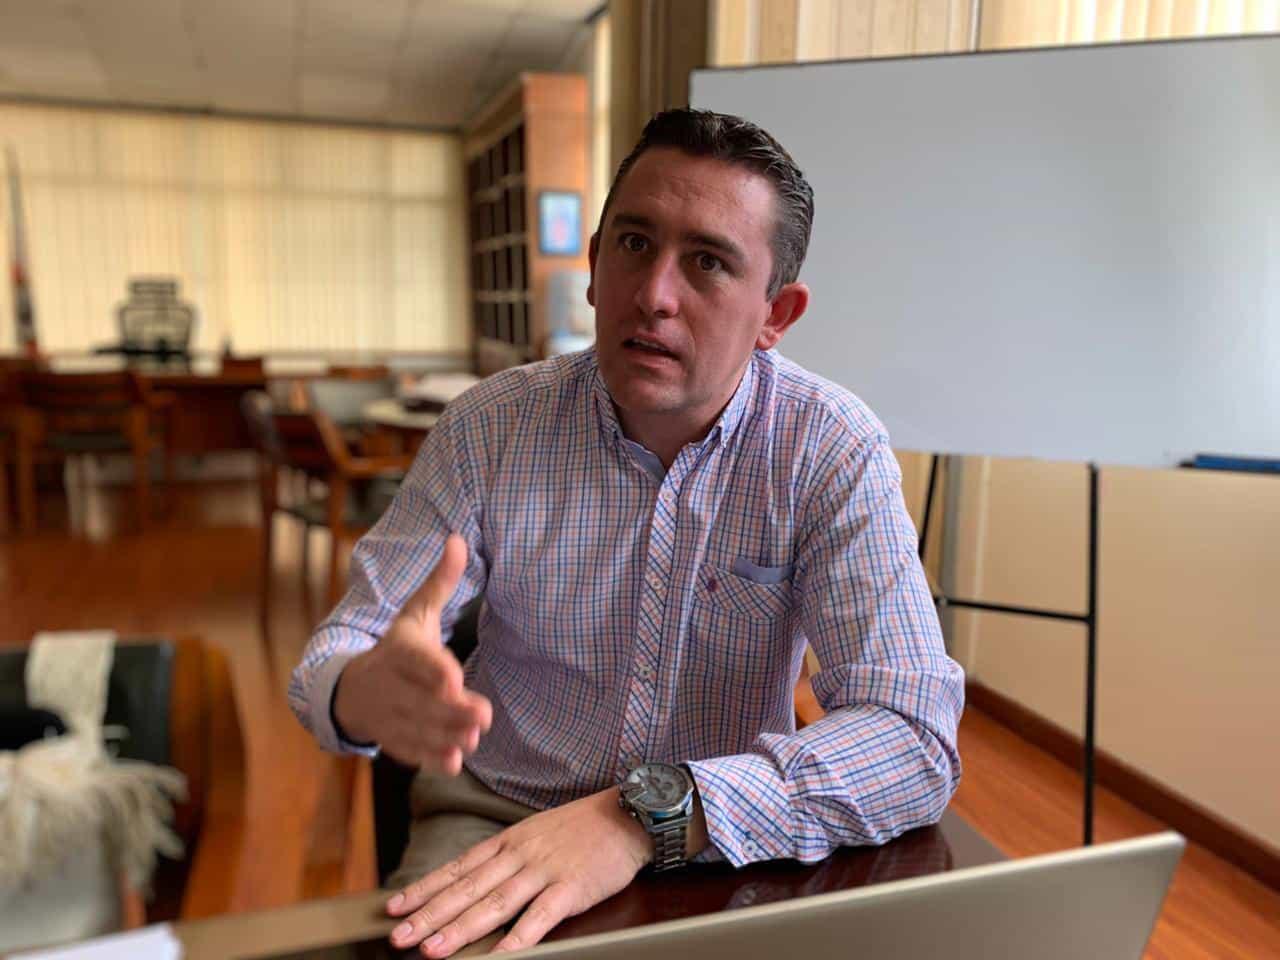 En #LaEntrevista7días el Secretario de Salud de Boyacá nos cuenta por qué el atraso en la aplicación de las vacunas en los municipios 2